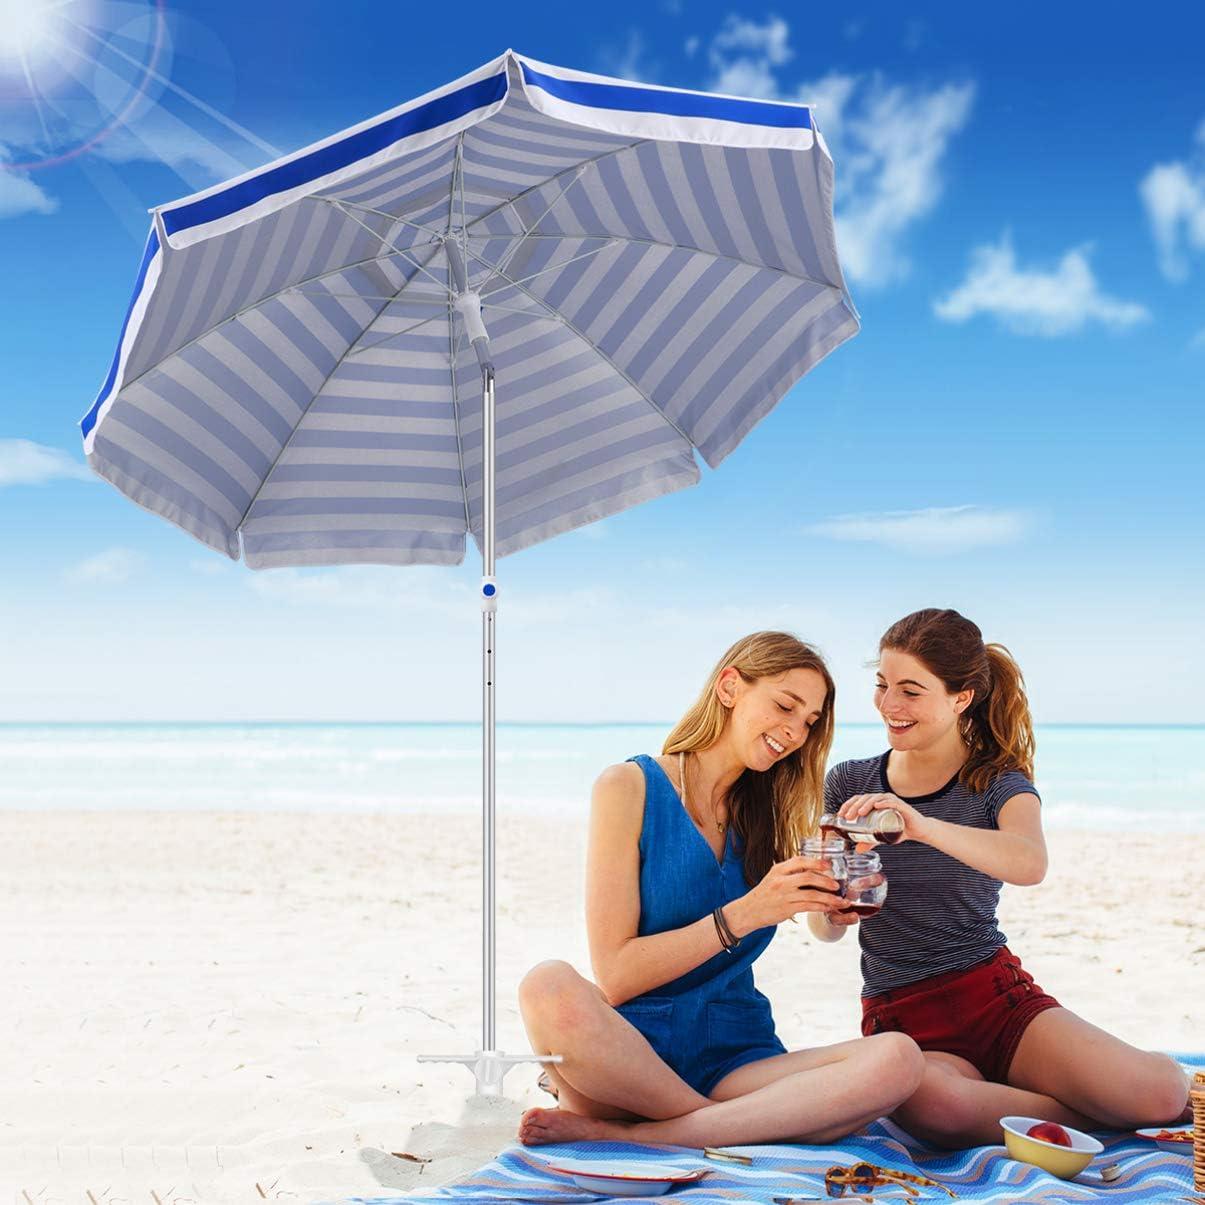 Porte-Parapluie de 8 Pouces avec Vis /à 3 Niveaux Taille Unique pour Tous Les Parapluies pour R/ésister Aux Vents Forts CLISPEED Ancrage de Sable pour Parasol Diam/ètre 1